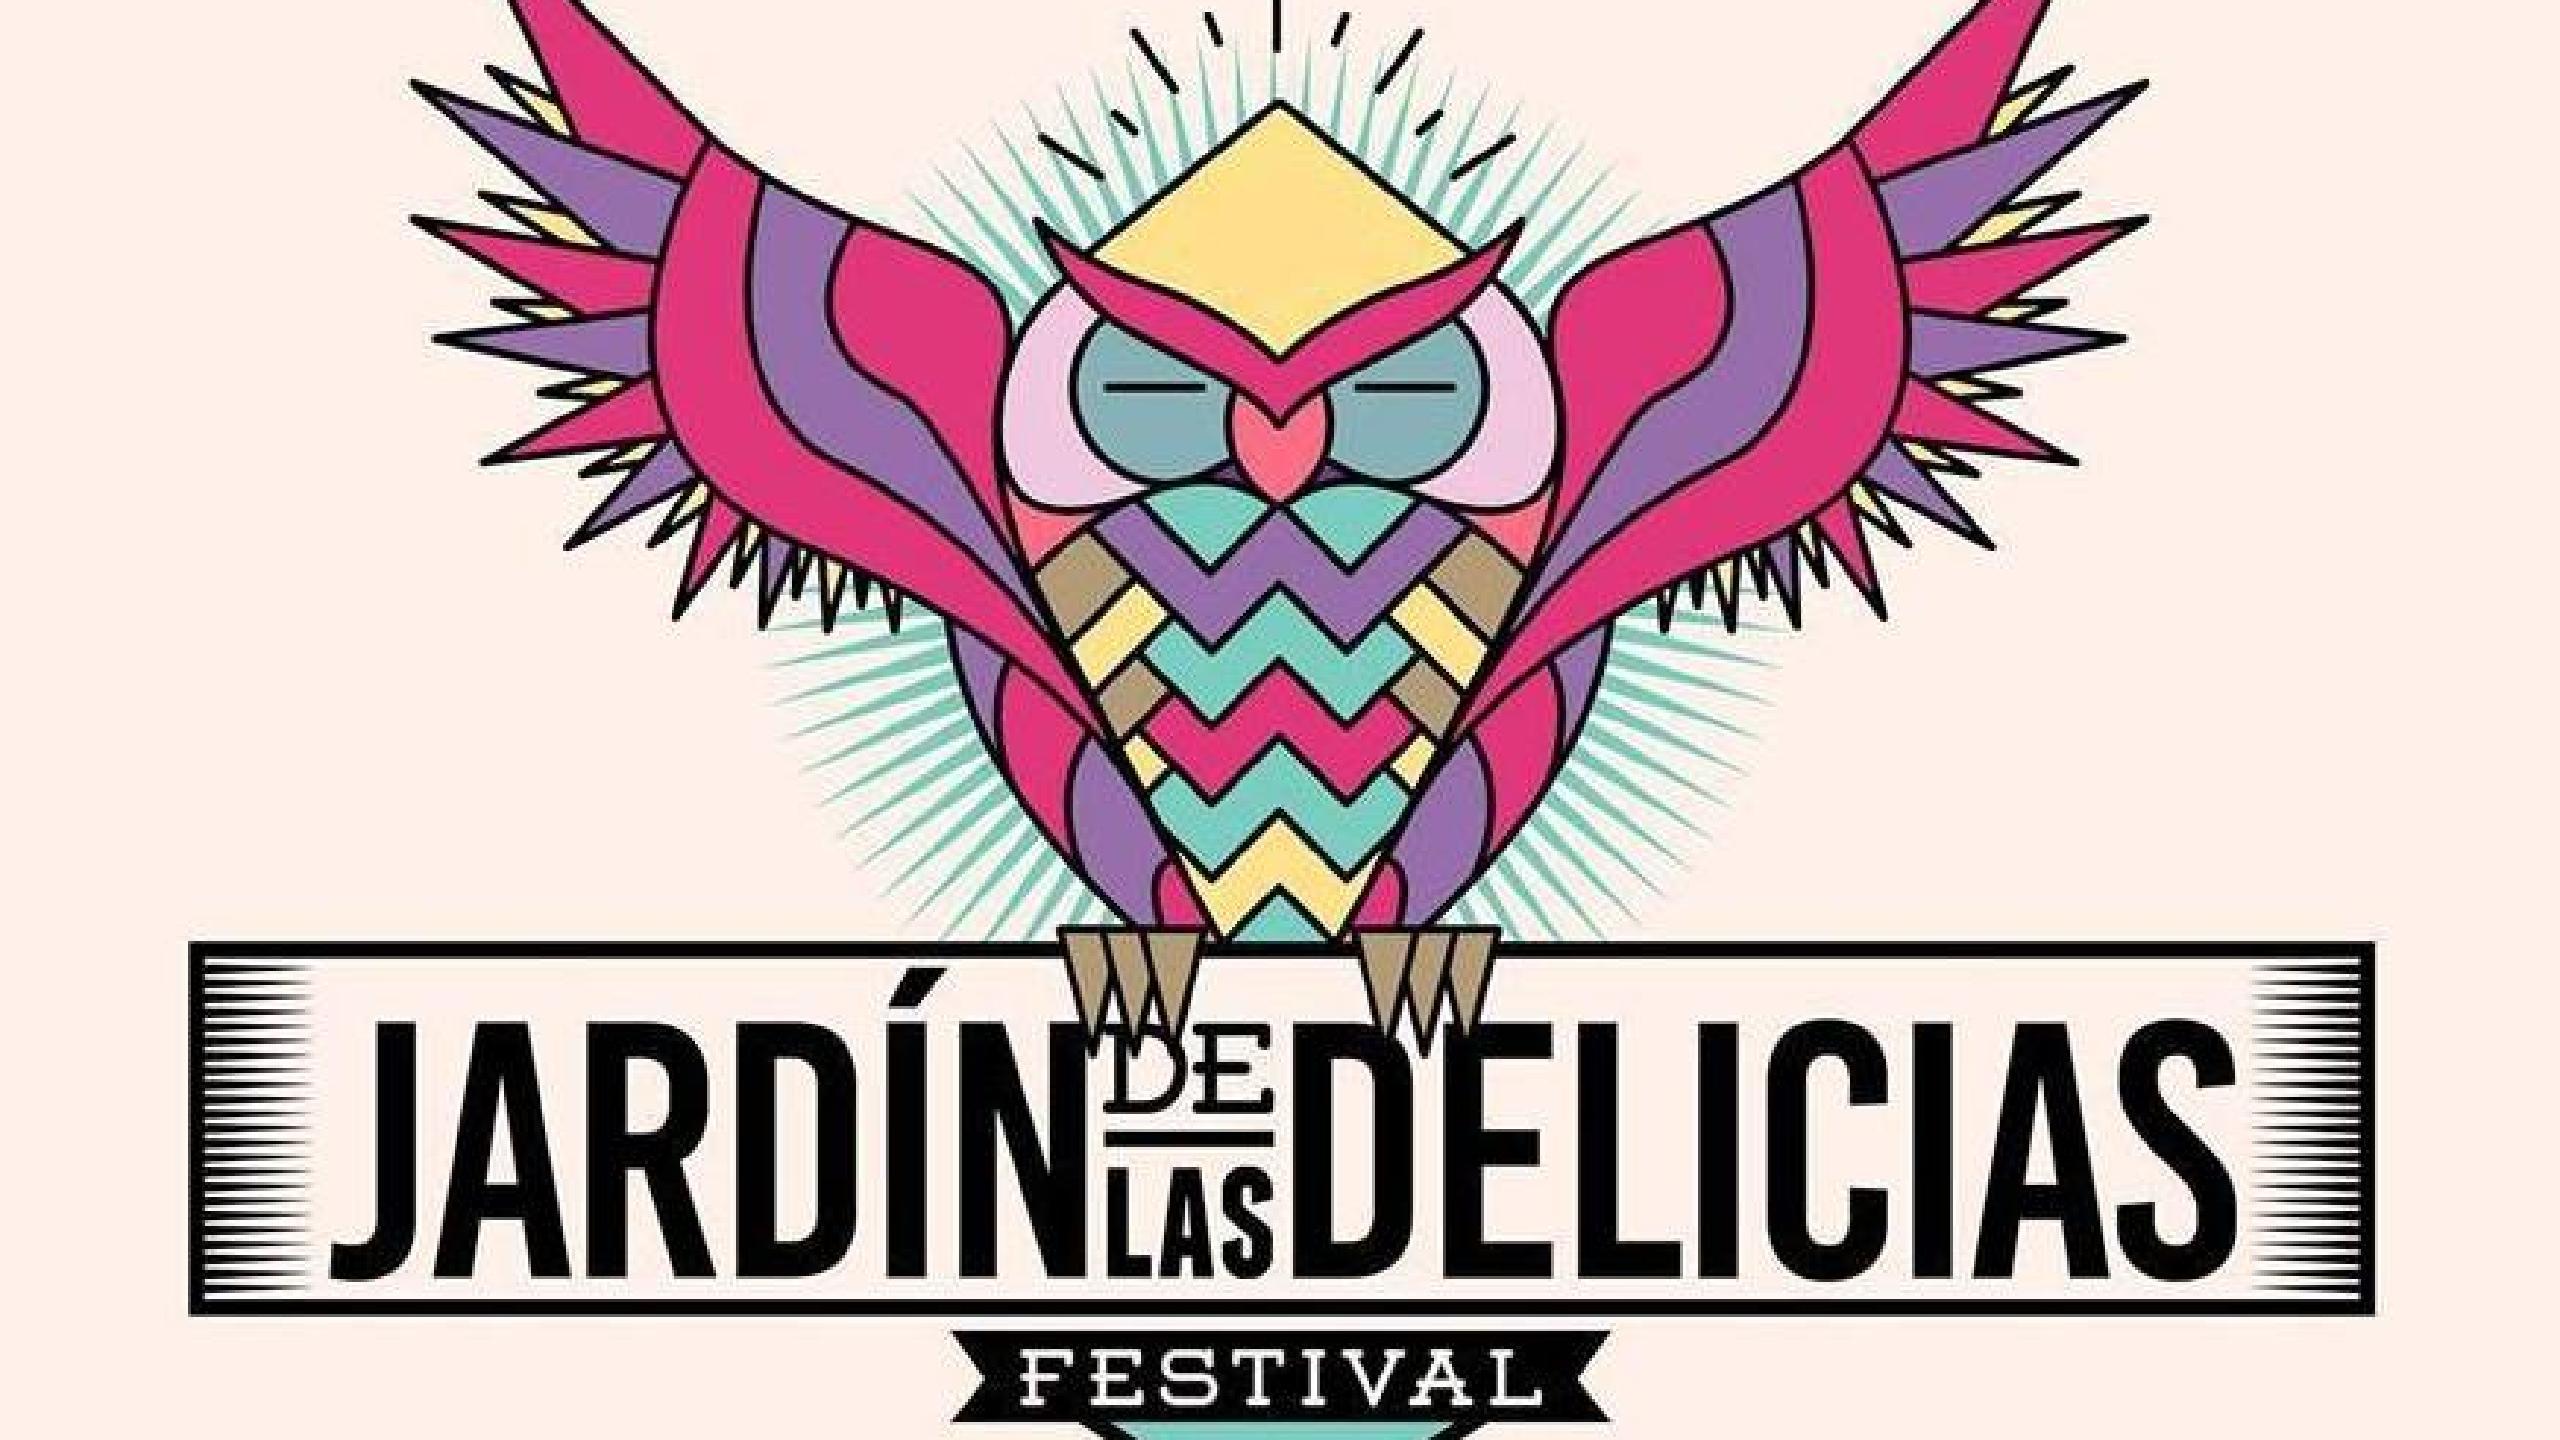 Festival el jardín de las Delicias 2021